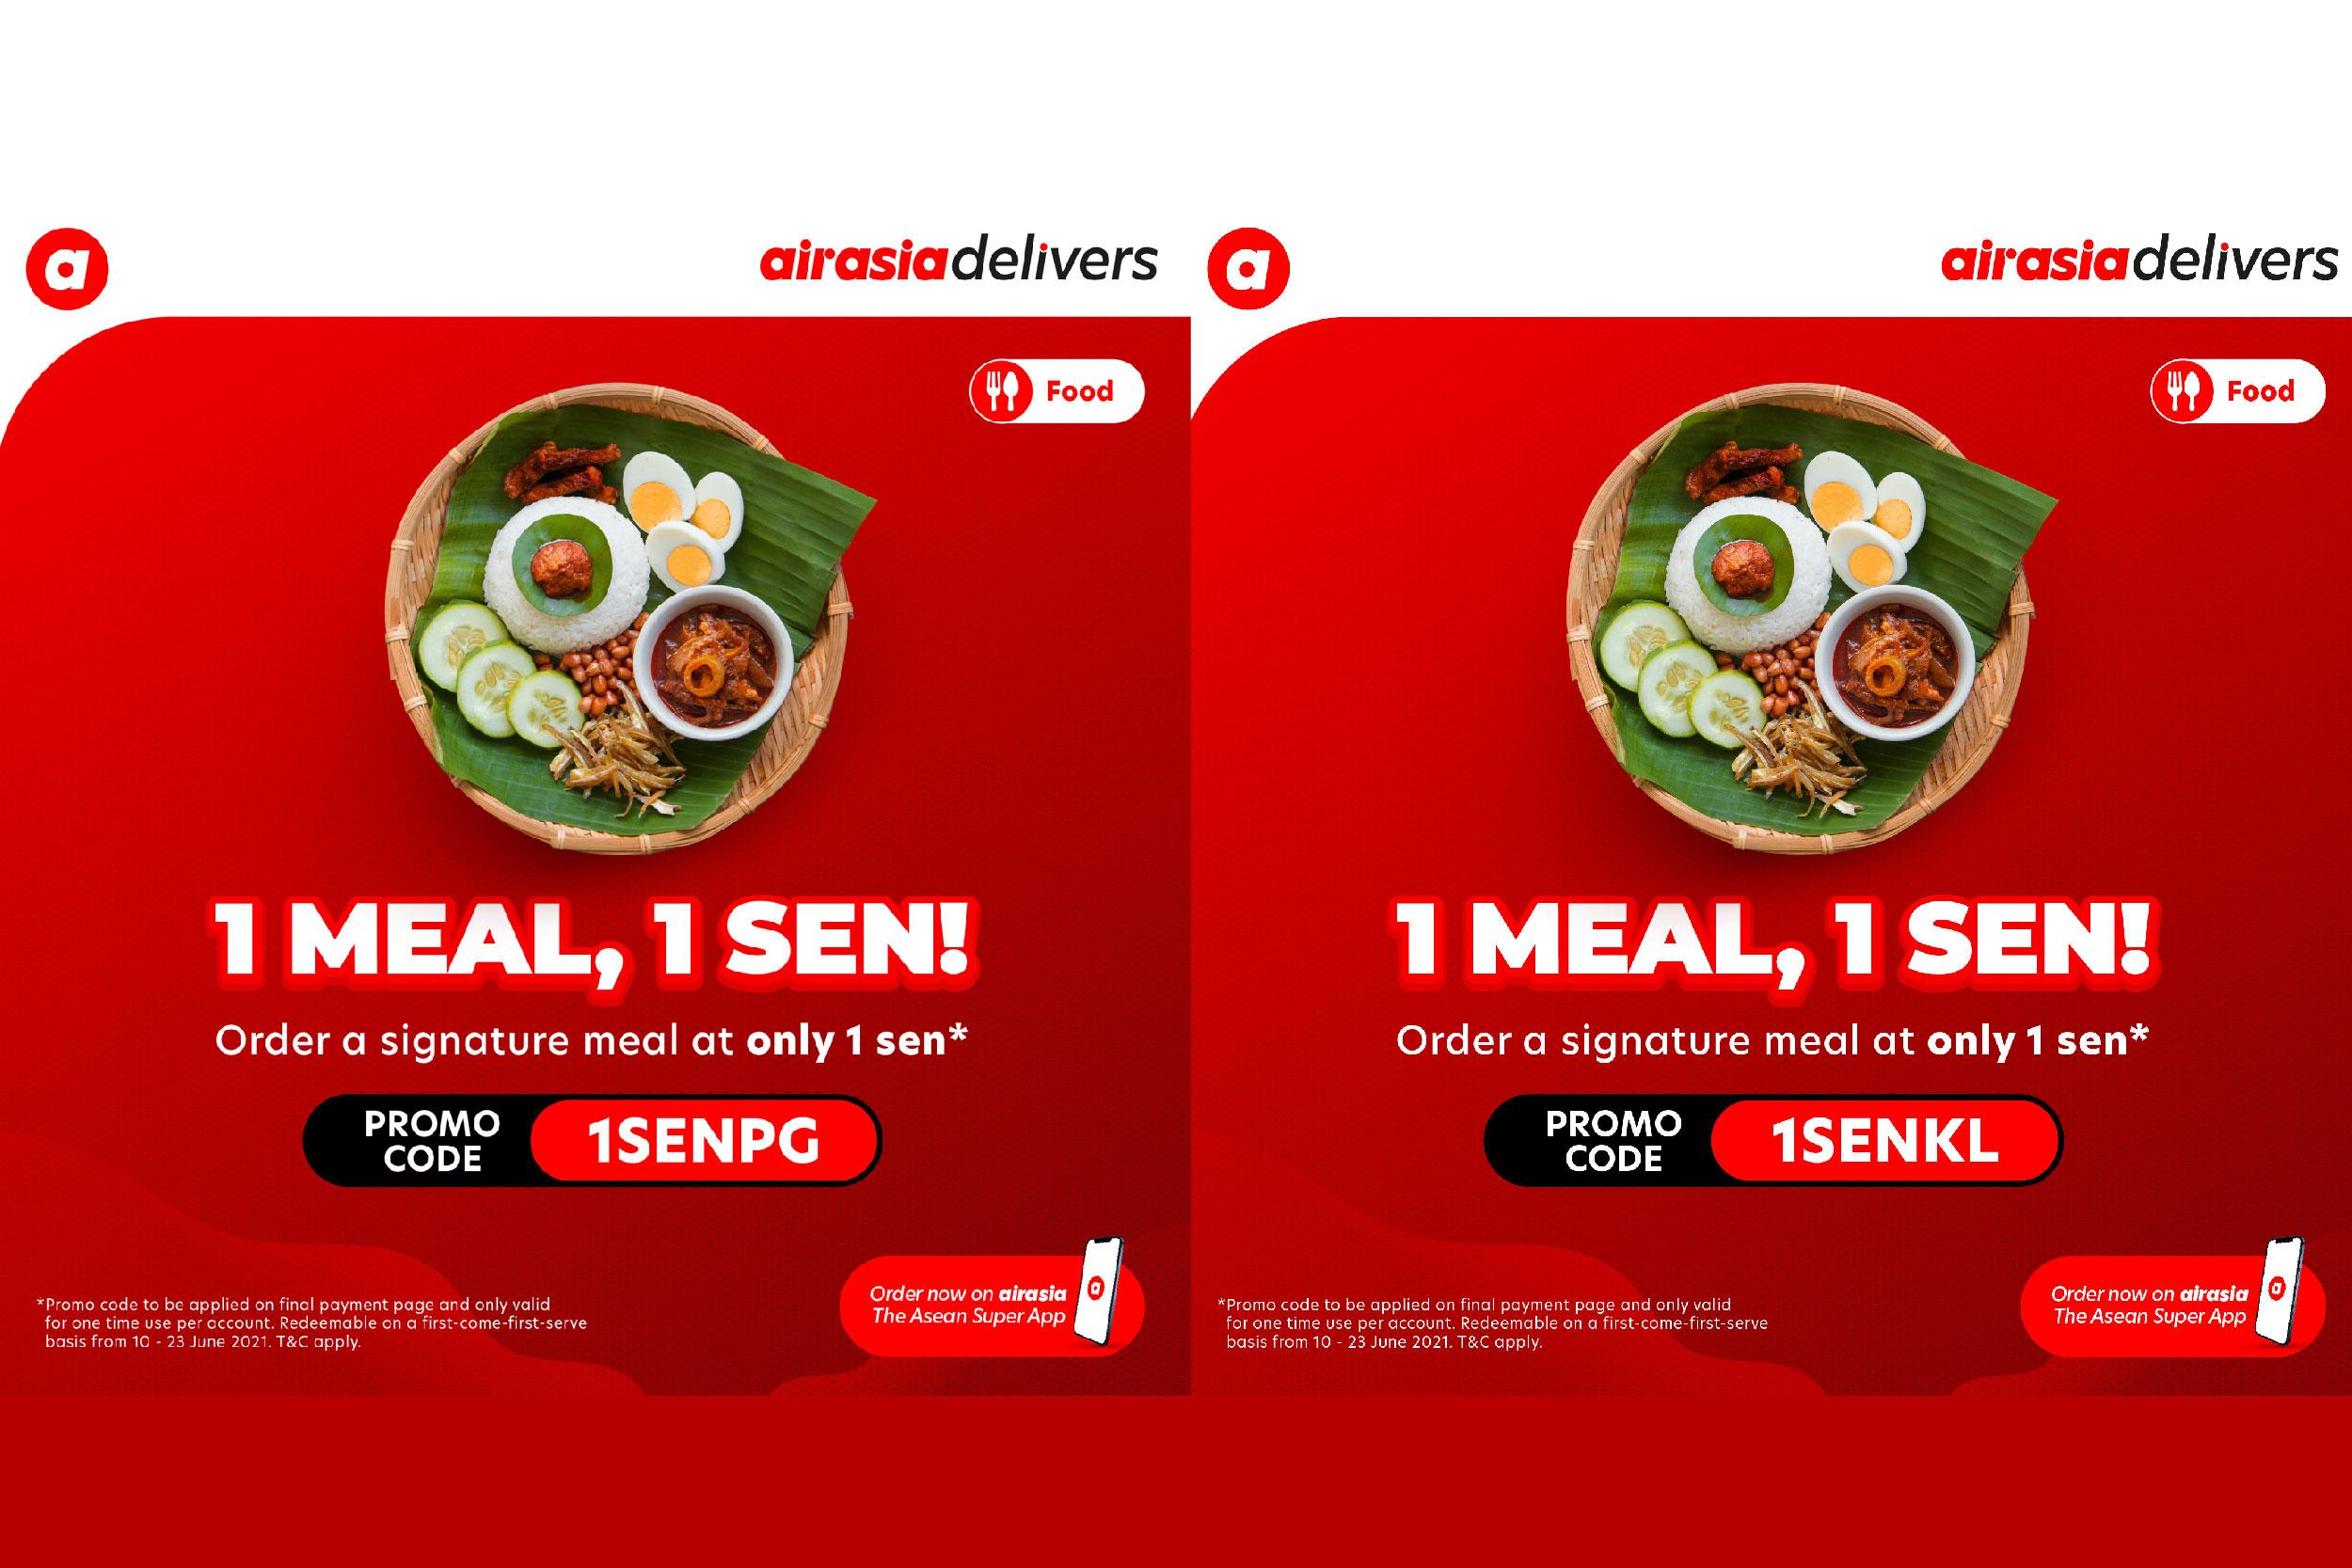 目前在巴生谷和槟城运营的美食配送平台airasia food, 将推出1仙特选餐厅招牌餐点限时促销。-亚航提供-